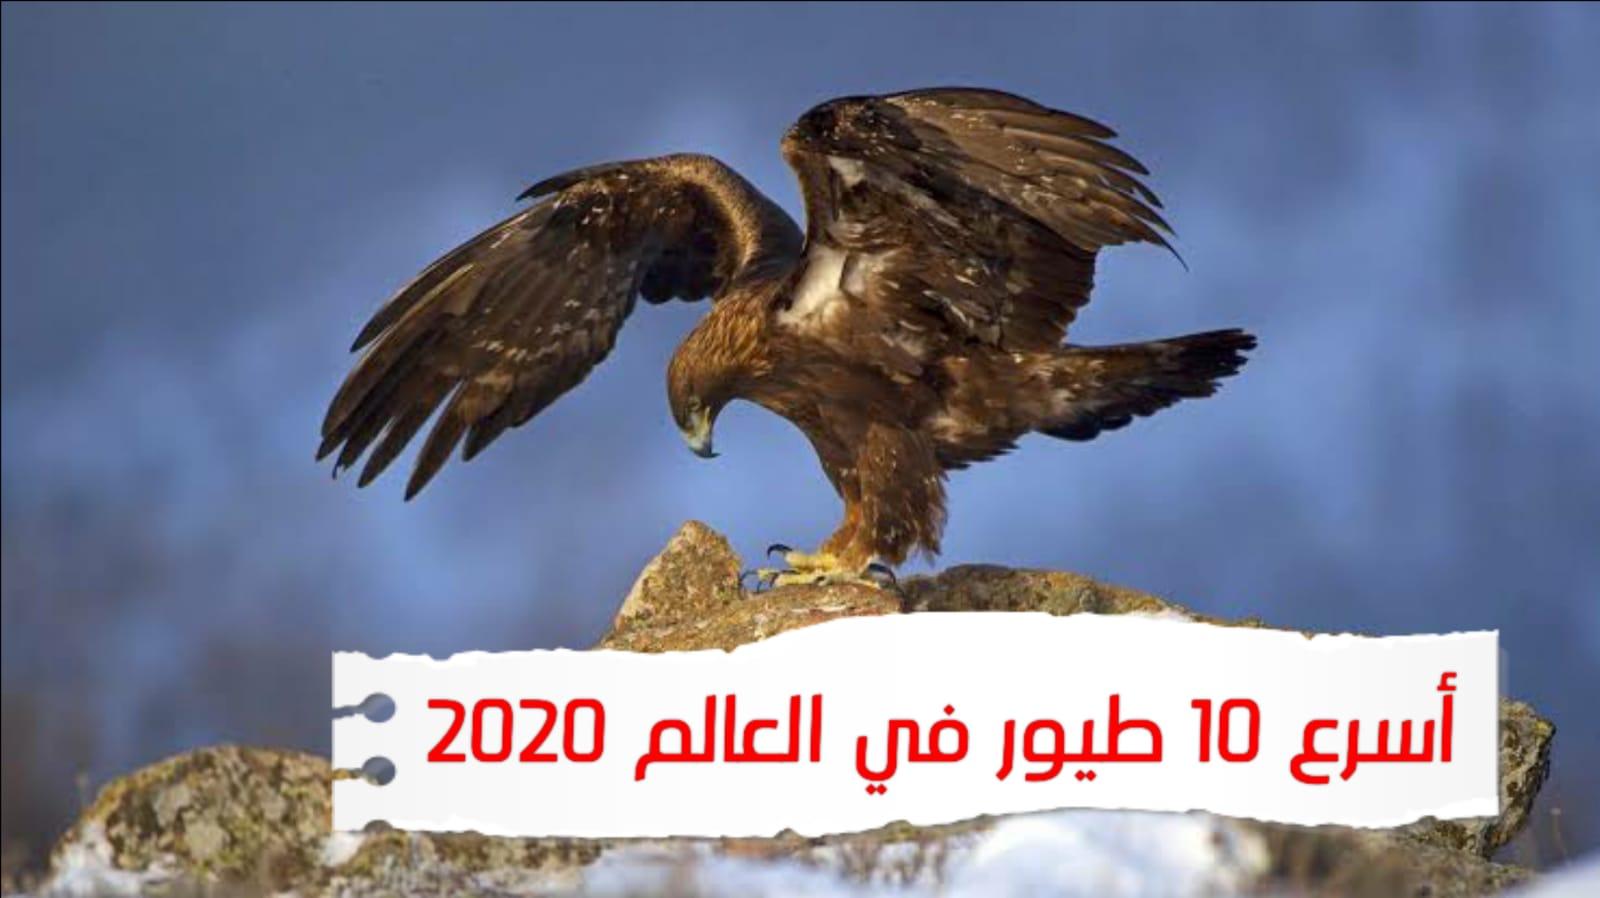 WhatsApp Image 2020 07 04 at 7.01.16 AM - أسرع 10 طيور في العالم ( بسرعات مستحيلة!! )